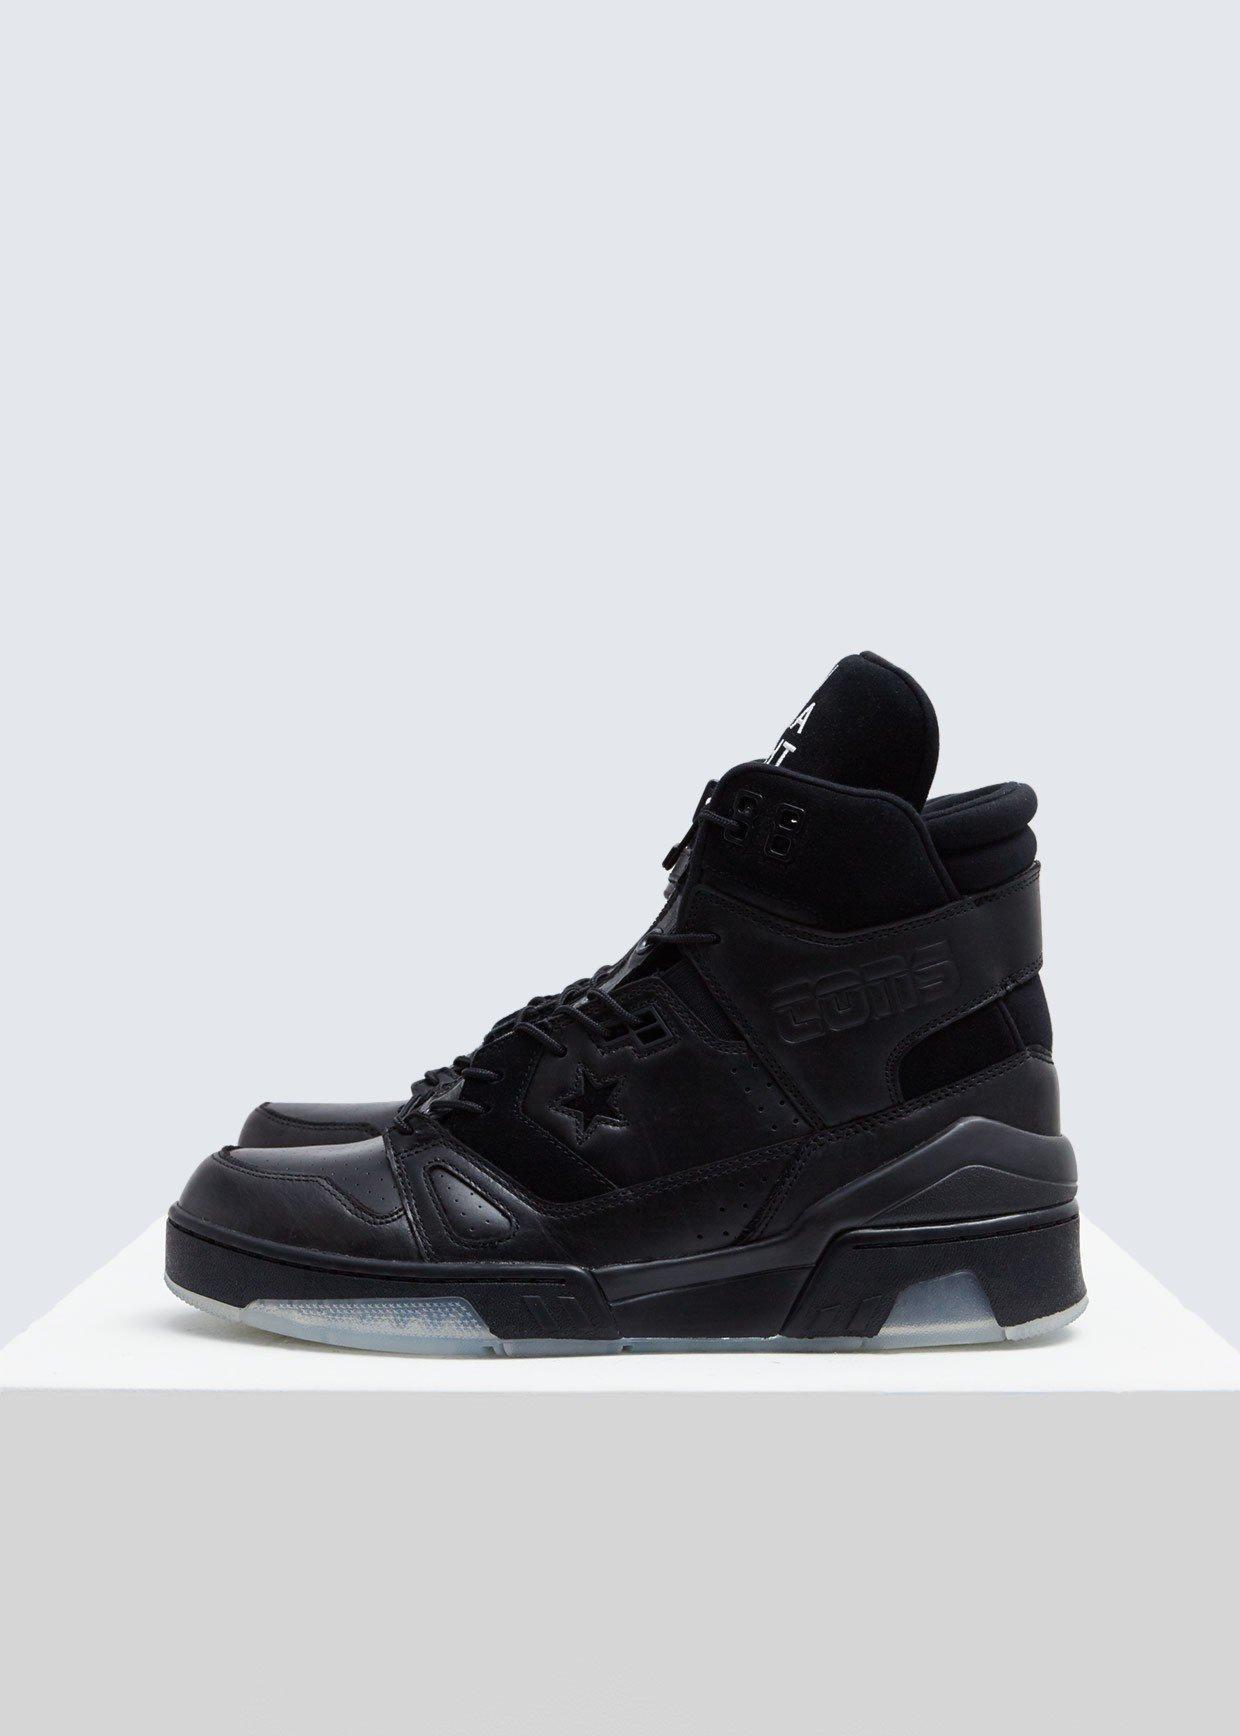 Lyst - Converse Soloist Erx Sneaker in Black for Men 9f9eec59a